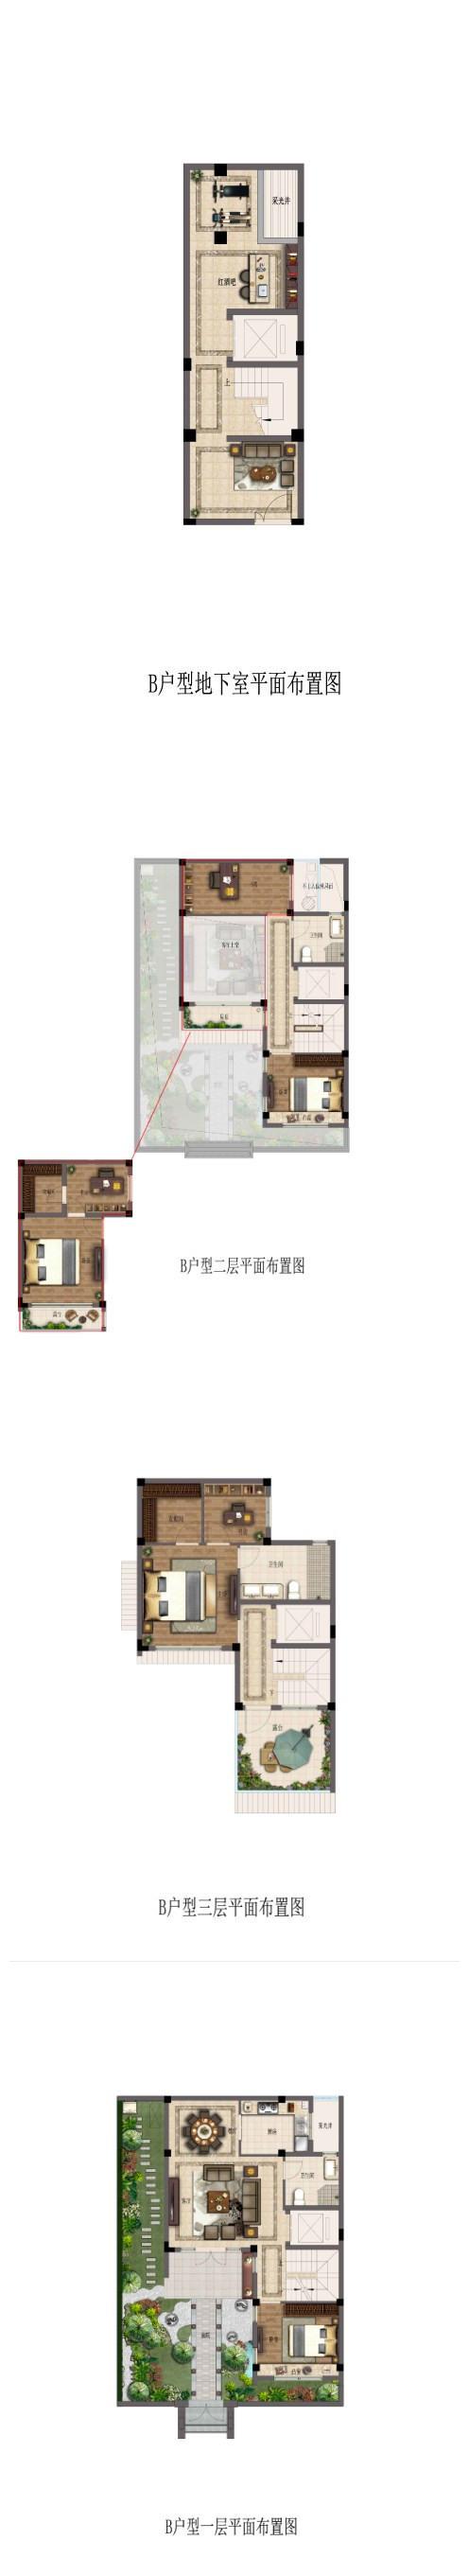 排屋 B户型 5室2厅3卫 173㎡